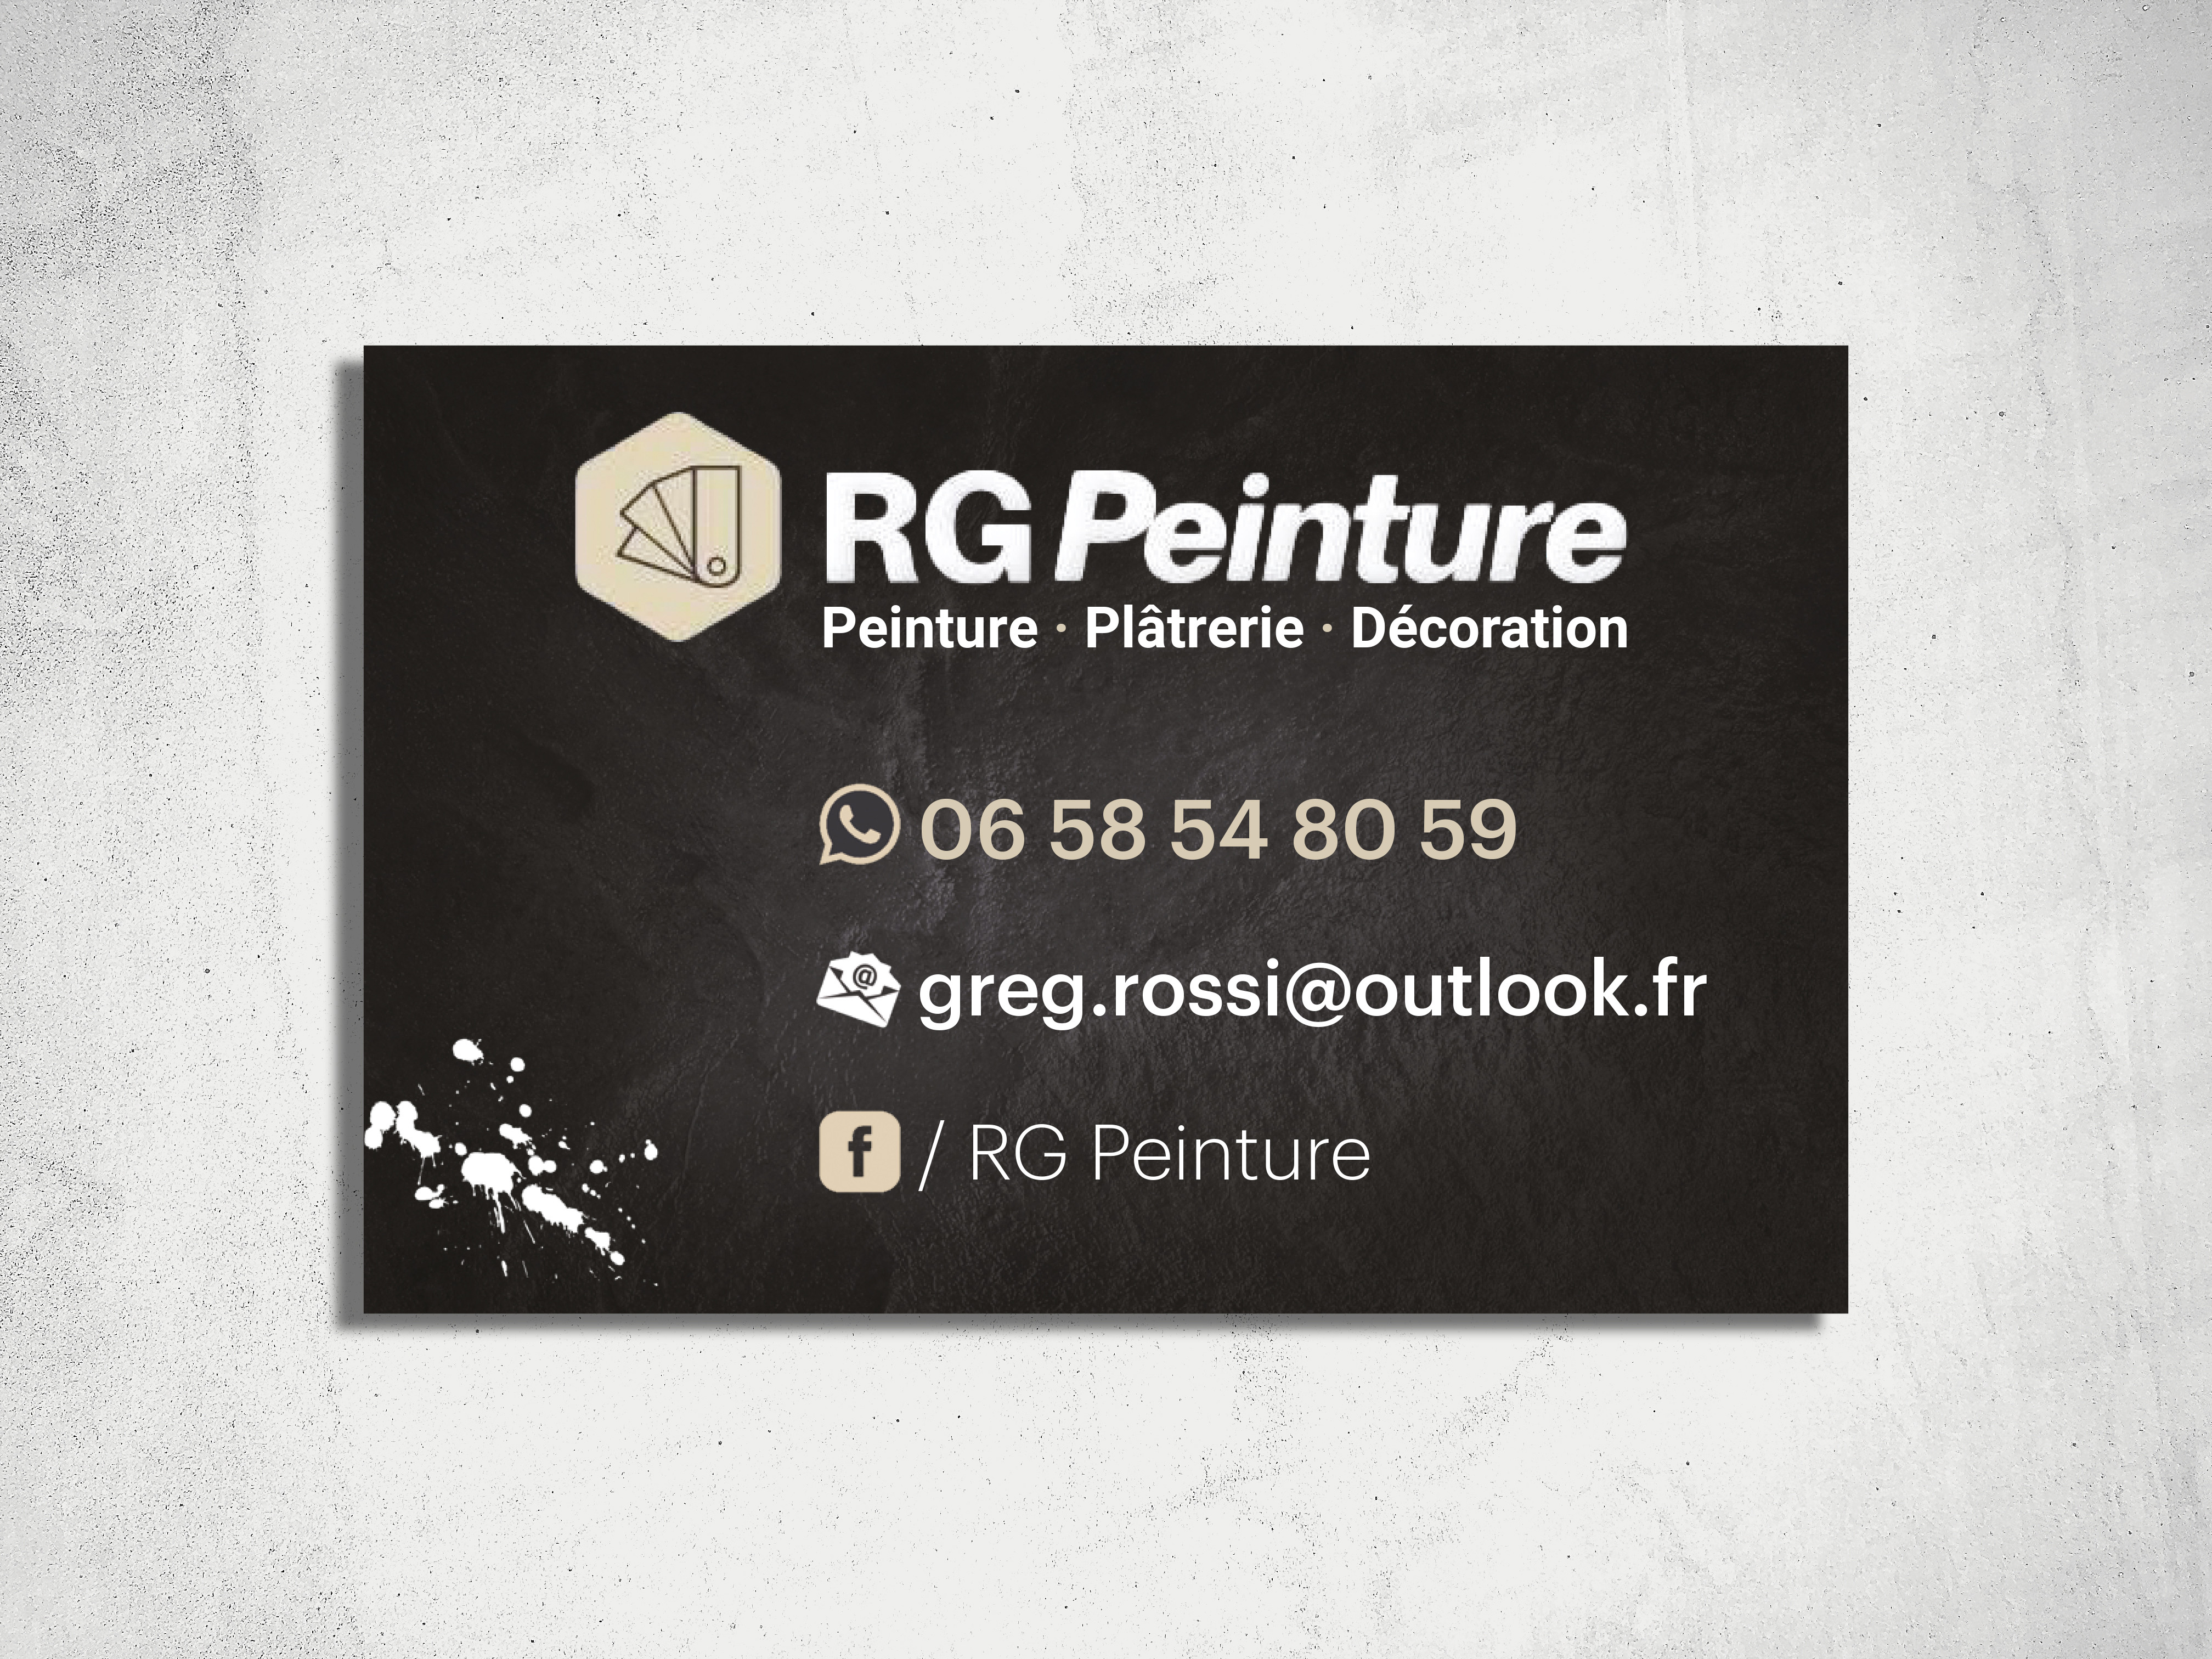 rg peinture